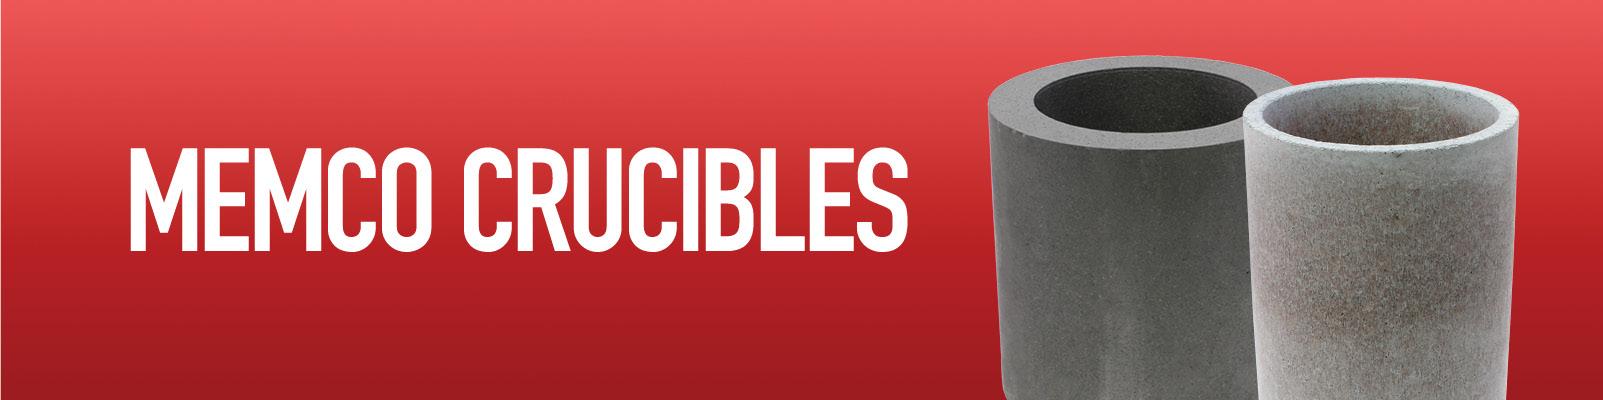 Memco Crucibles